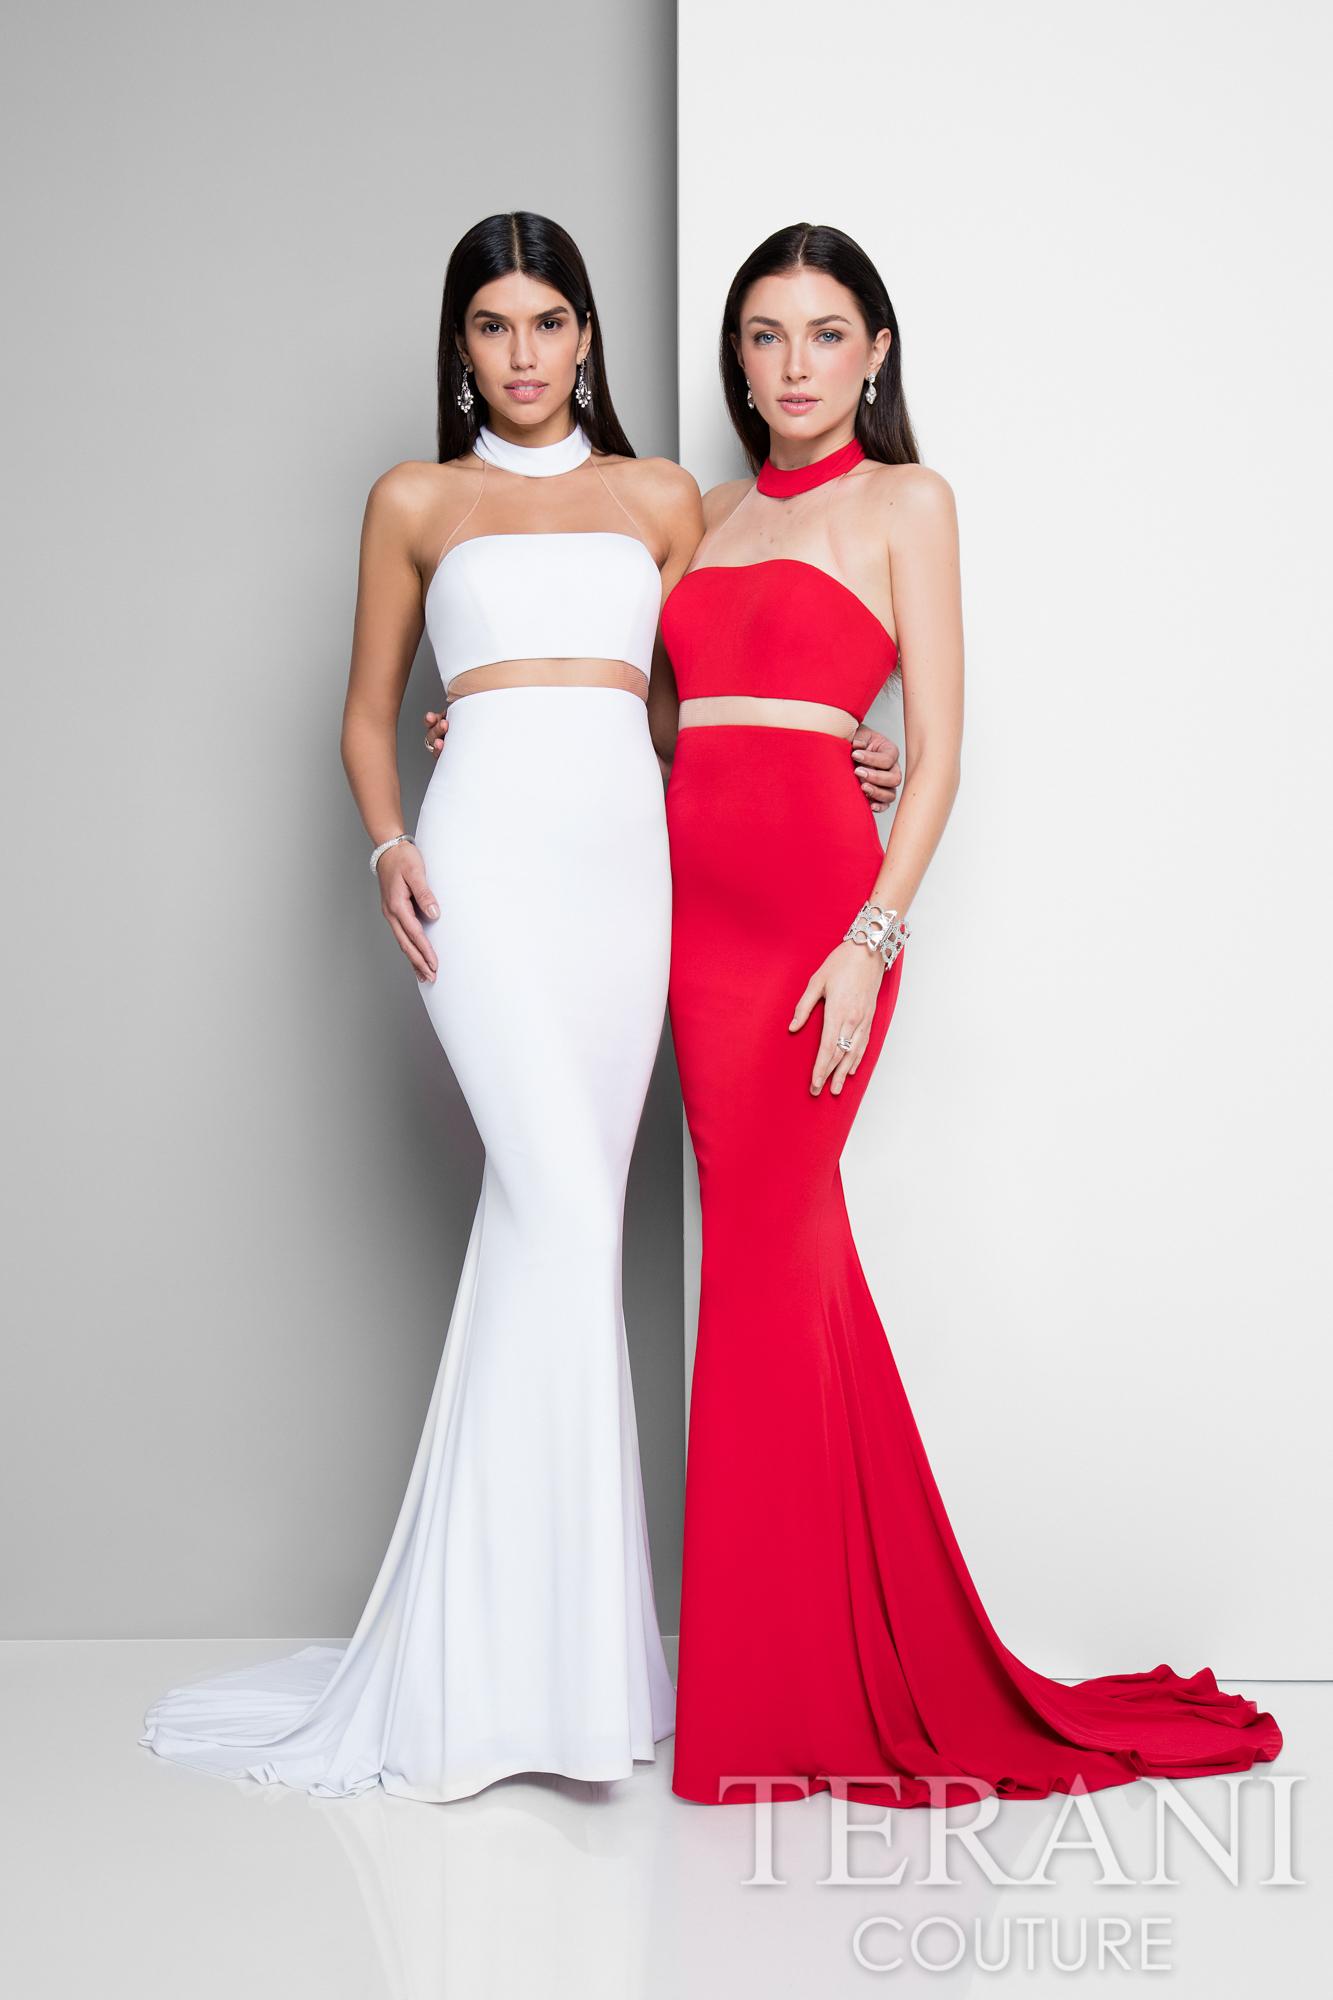 Mode Avondjurken.Avondjurken Hengelo Terani Couture Bij Mode Pipina